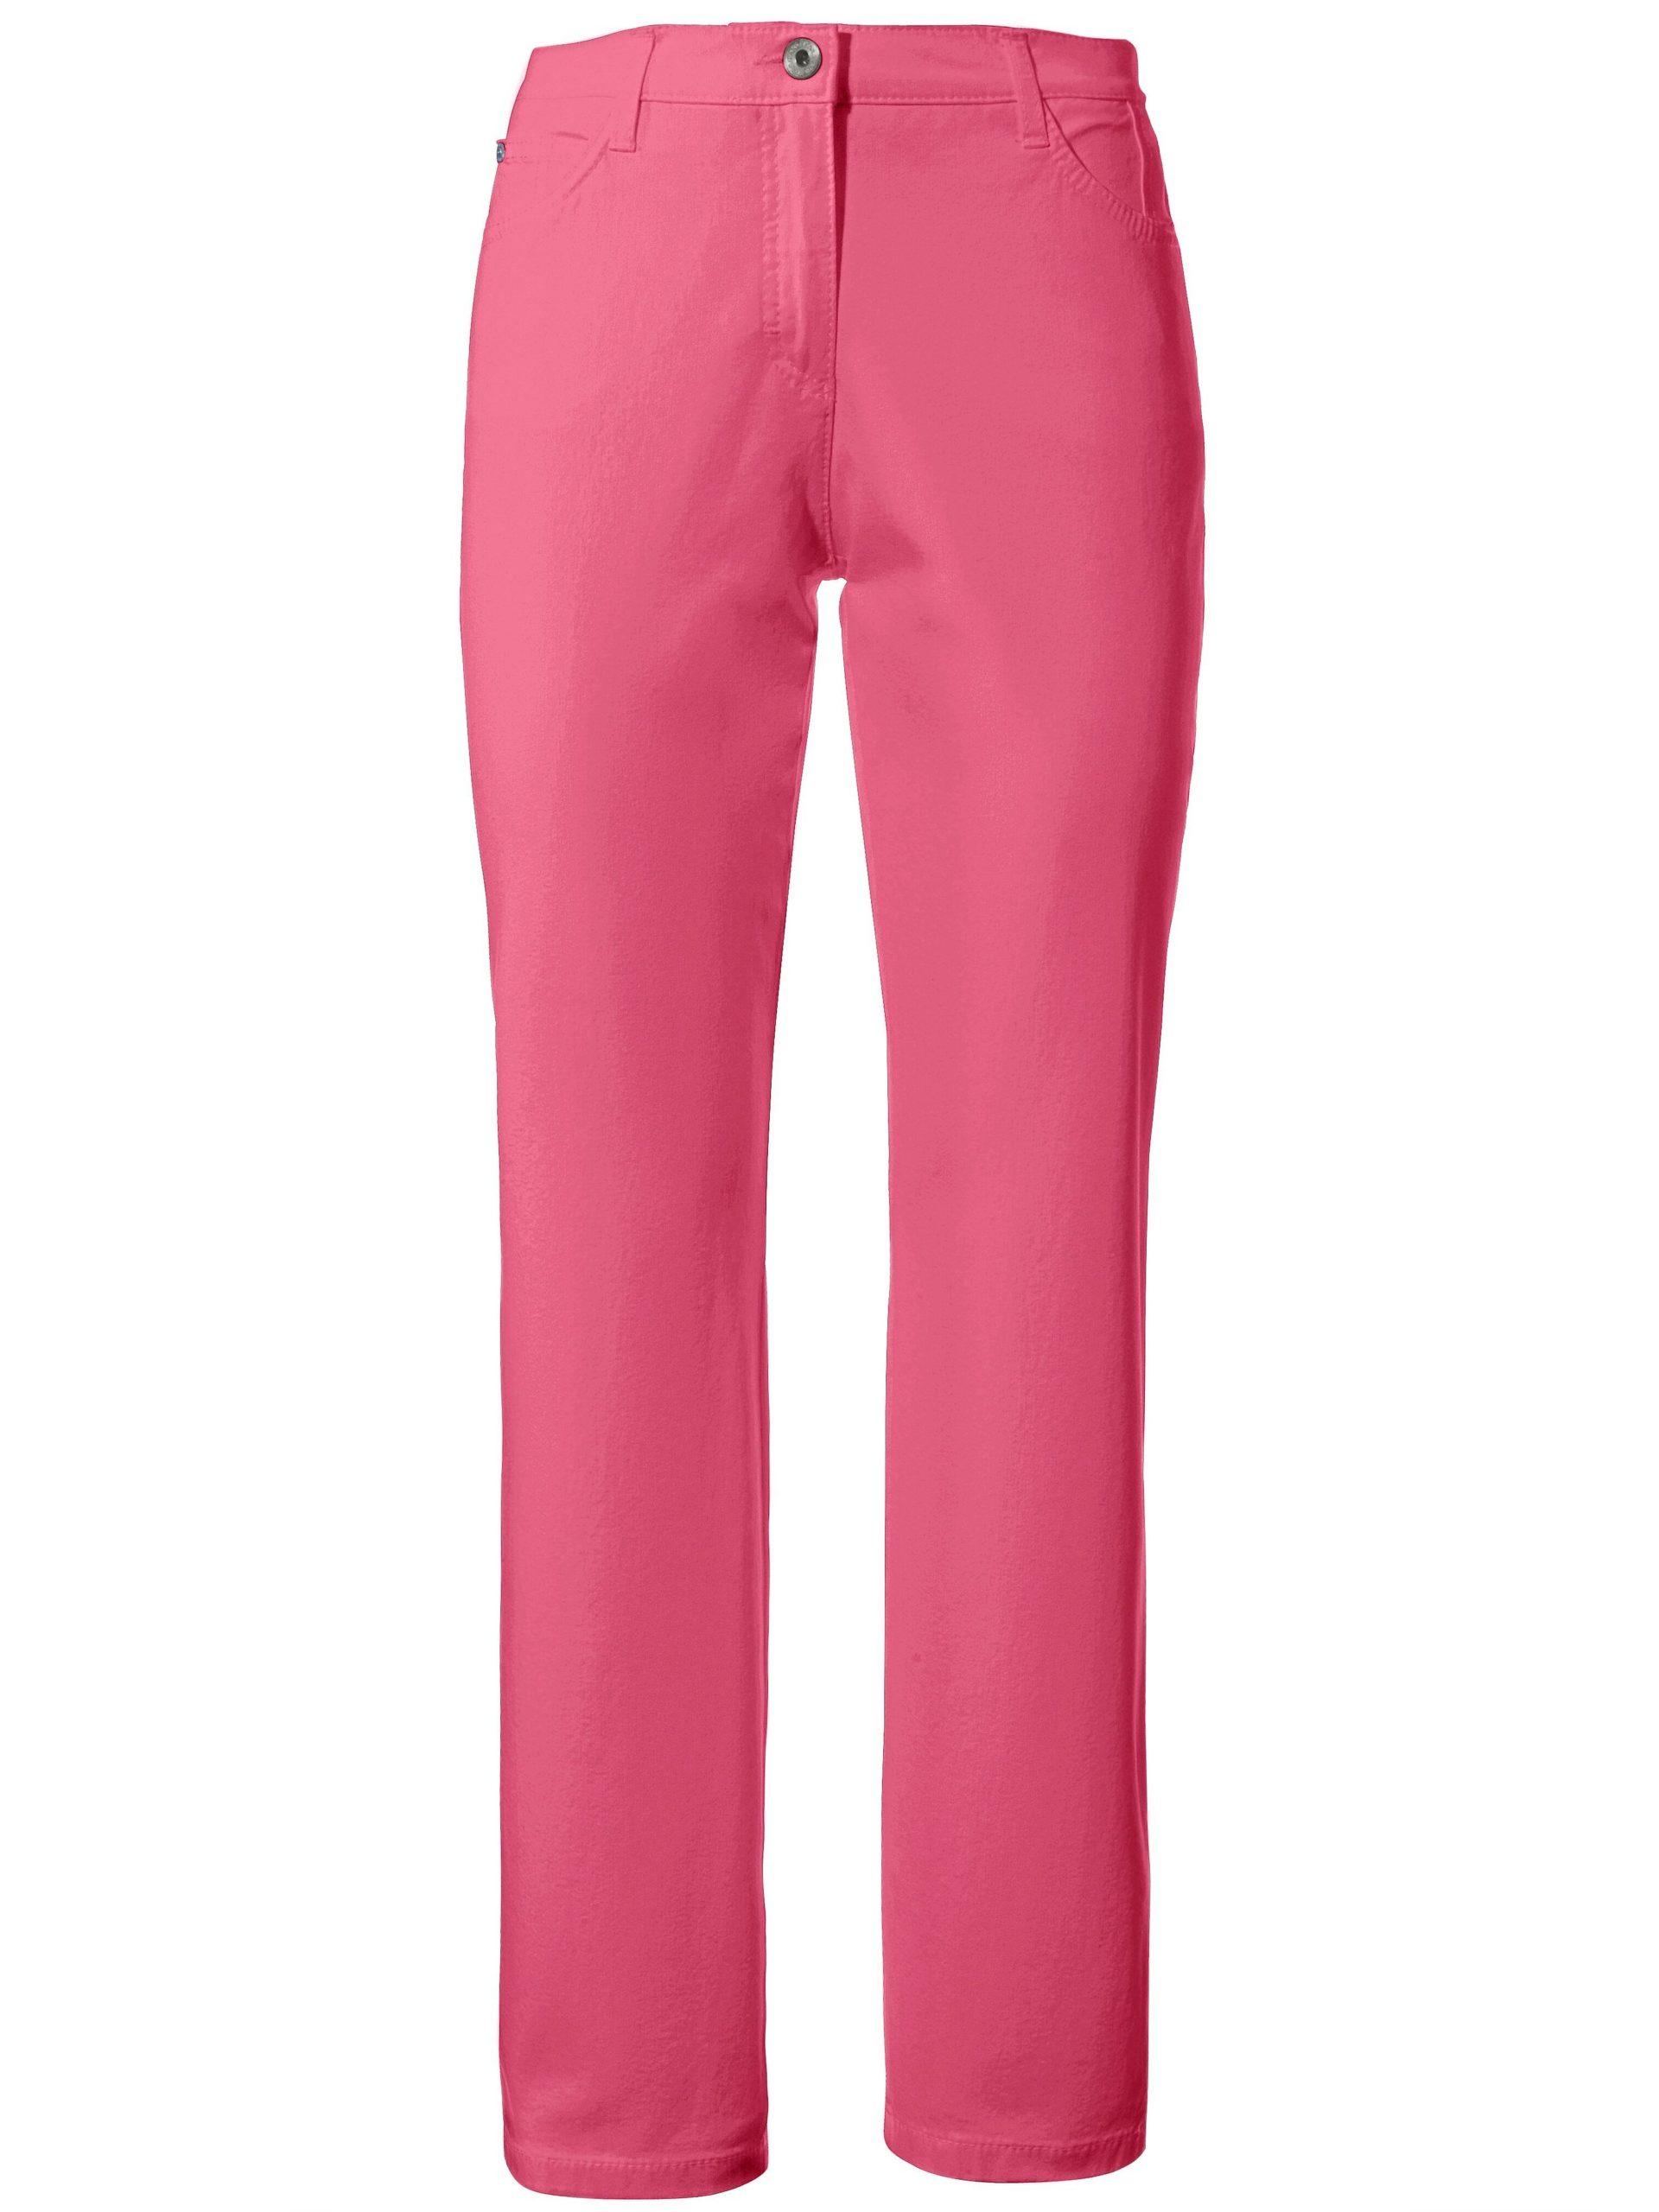 Feminine fit broek model Nicola van PIMA COTTON Van Brax Feel Good lichtroze Kopen